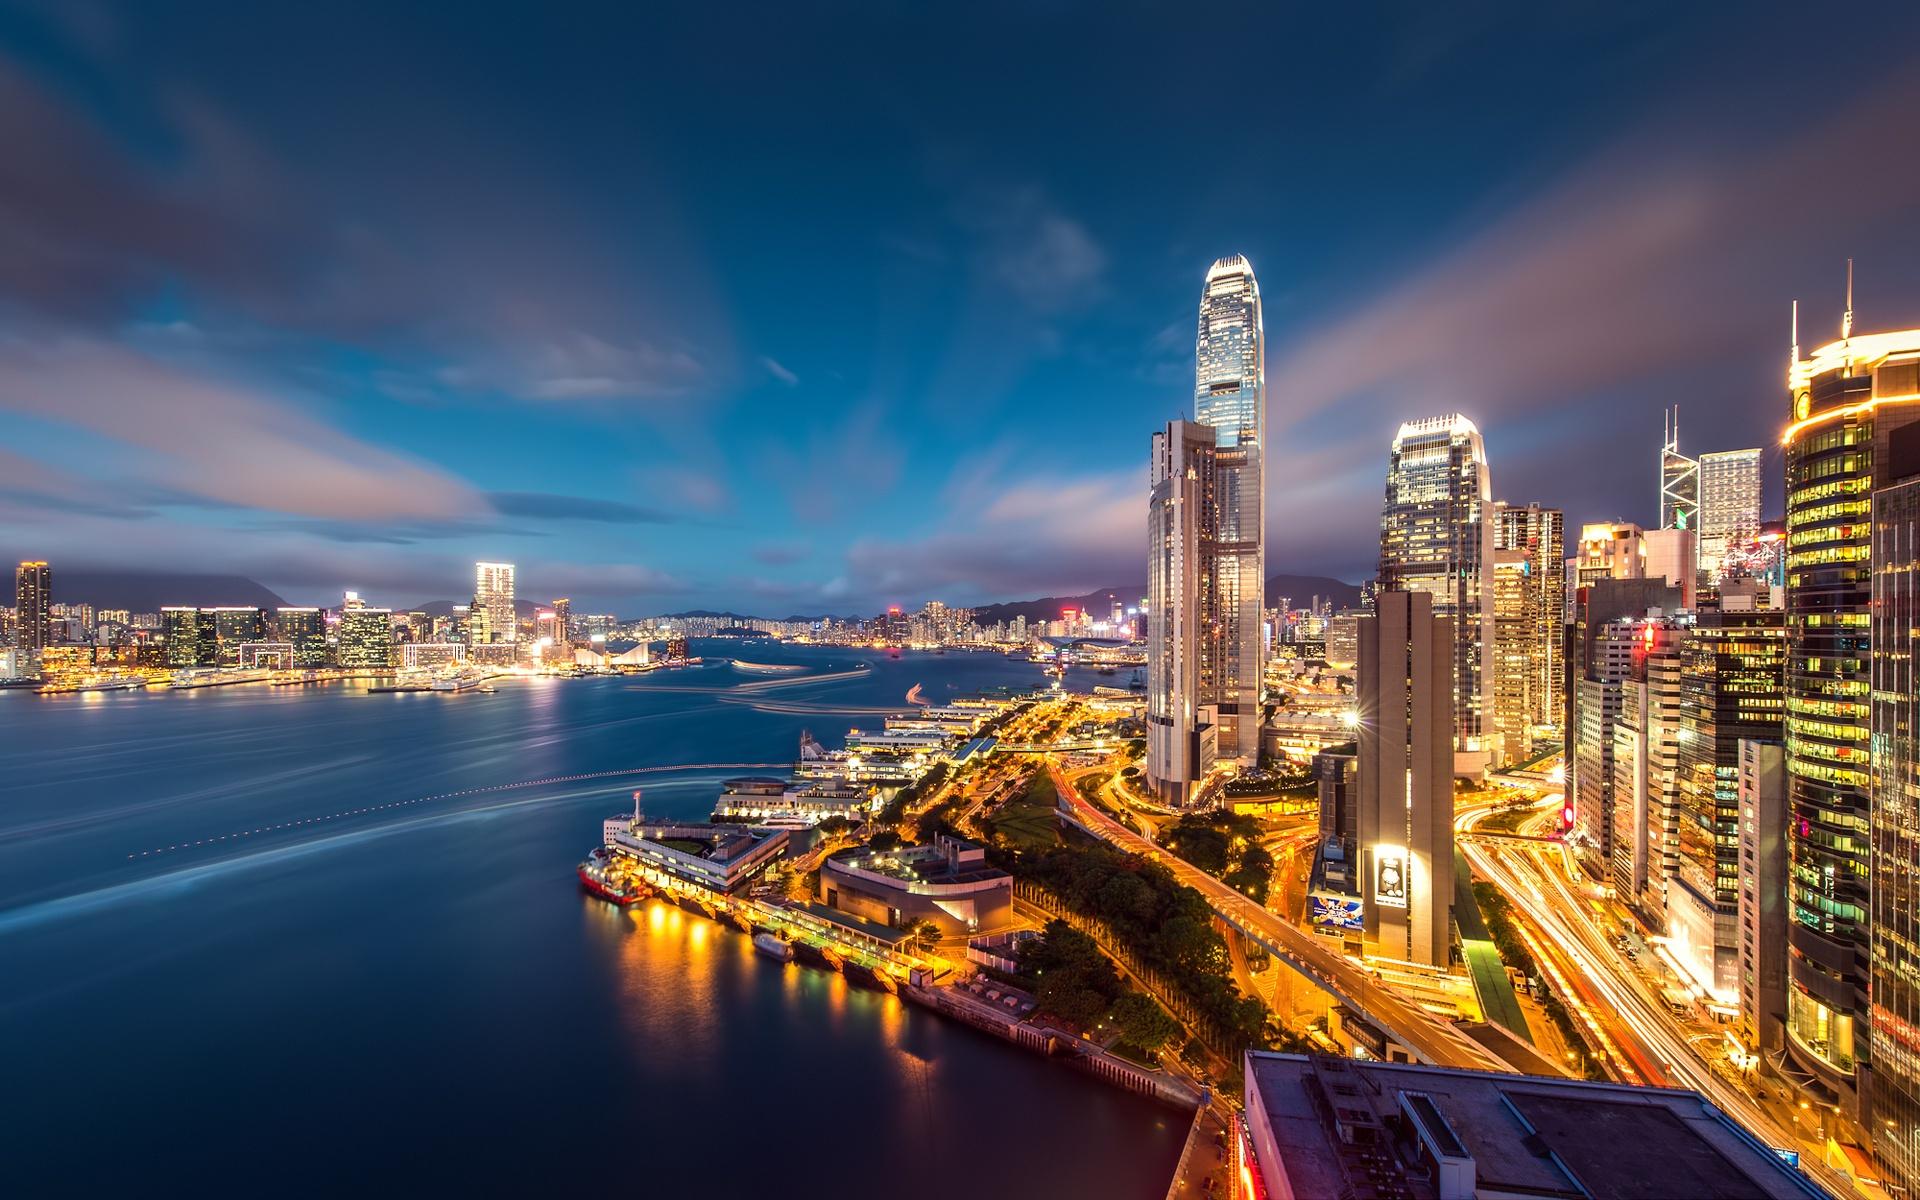 壁纸美丽的香港夜景1920x1200 Hd 高清壁纸 图片 照片